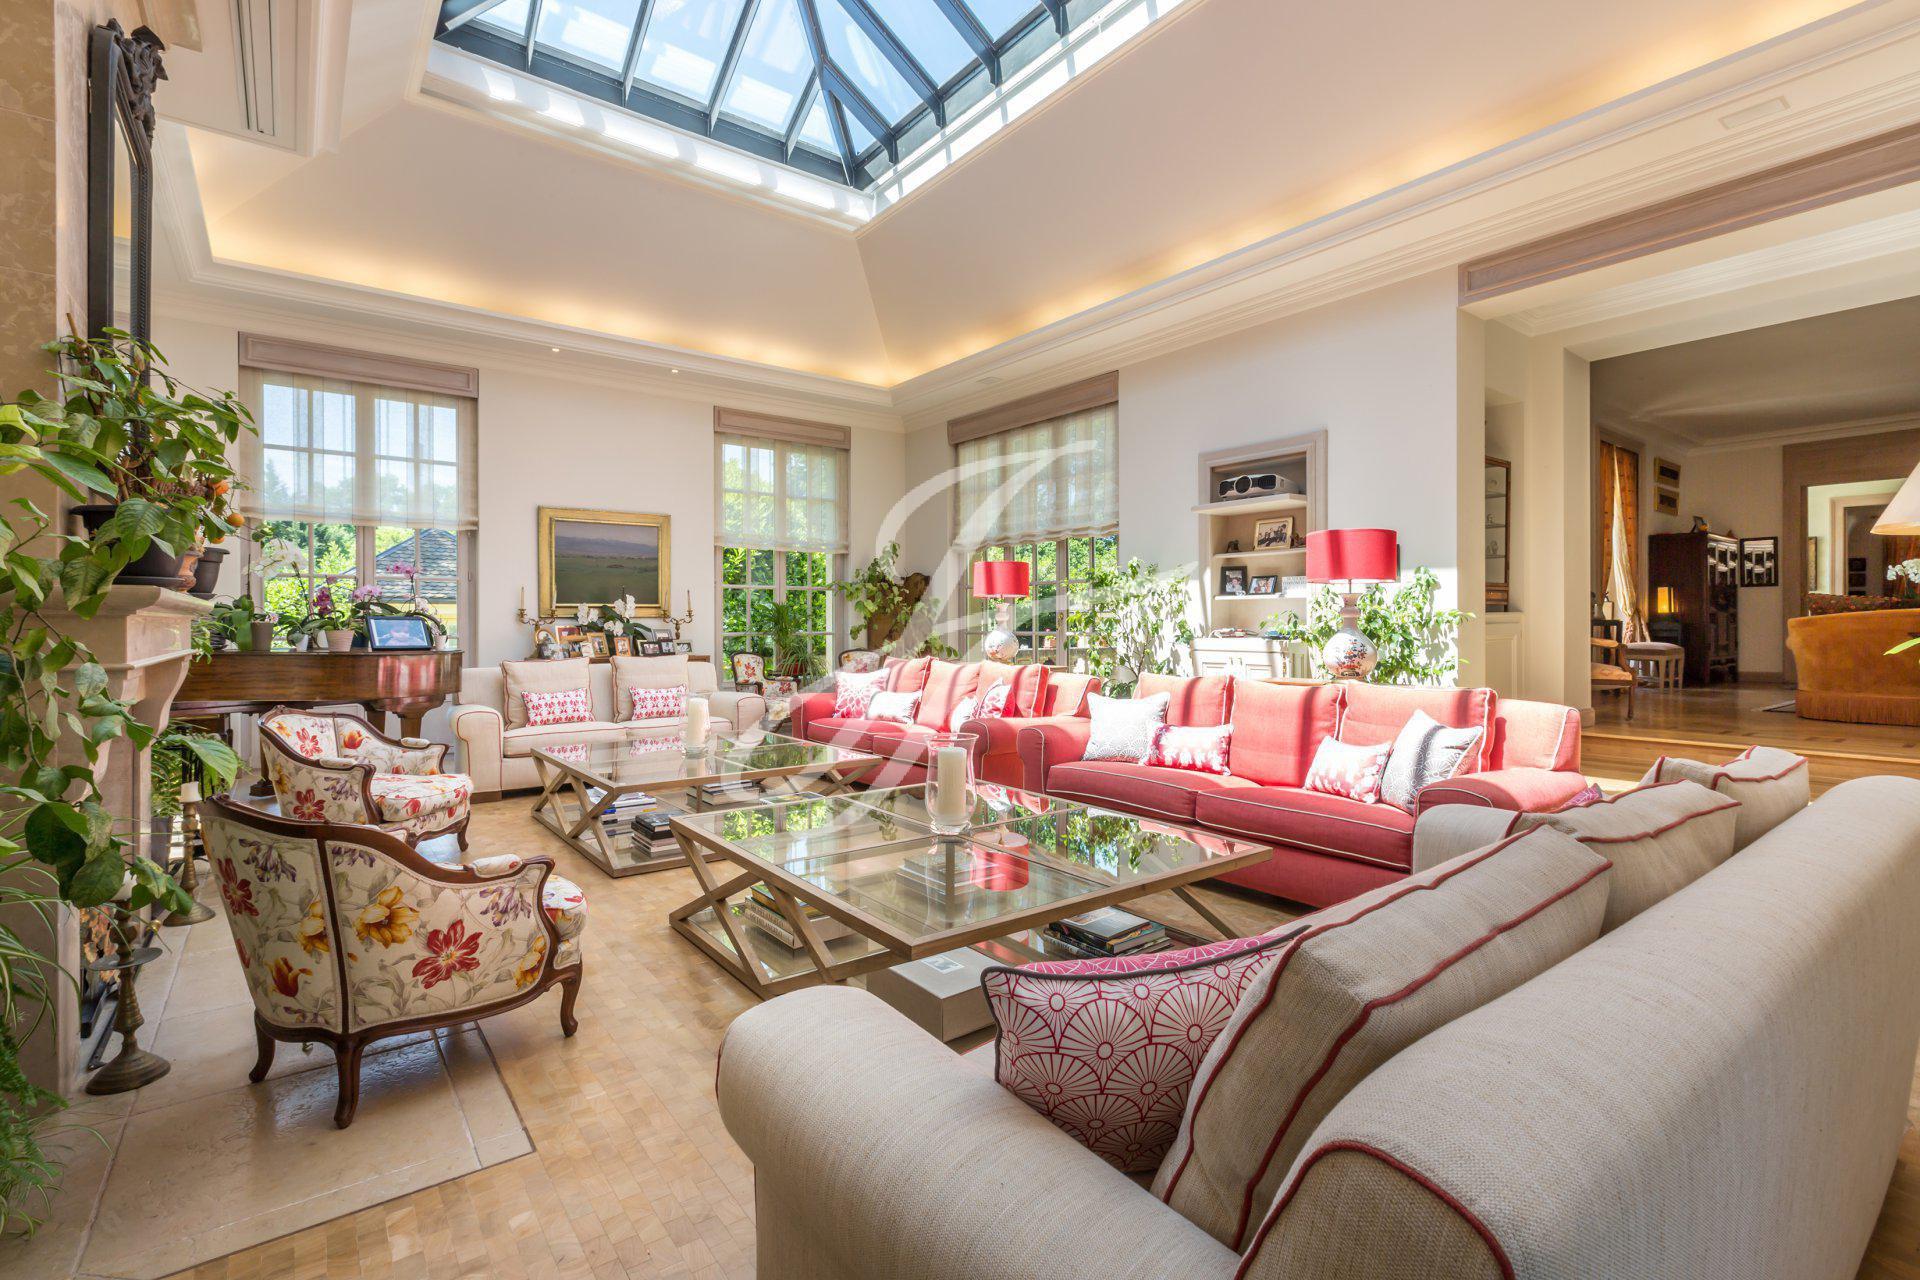 Villa de luxe à vendre à Chêne-Bougerie, Genève, Suisse  John Taylor Switzerland  FINEST RESIDENCES